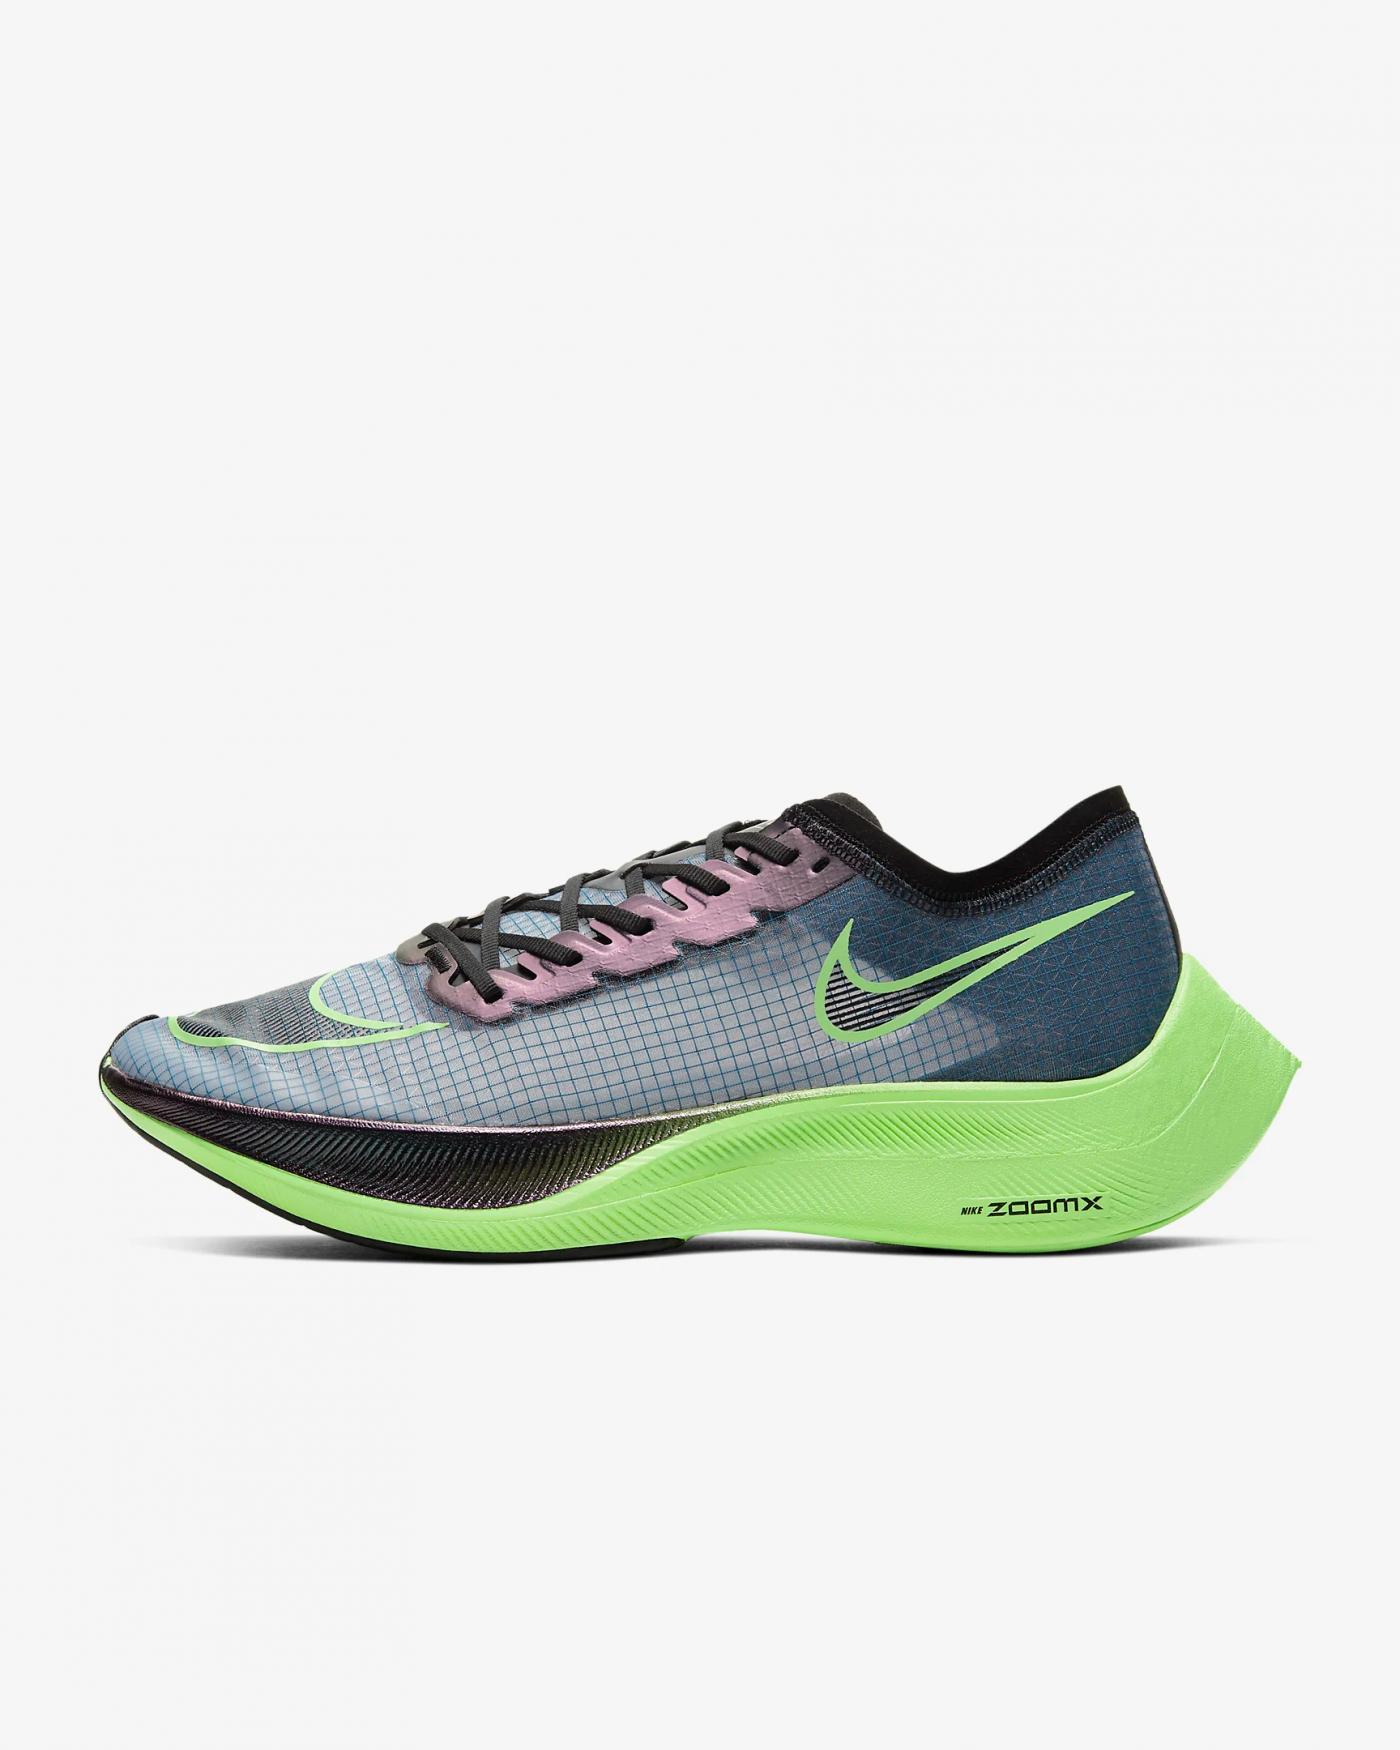 chaussure-de-running-zoomx-vaporfly-next-nike-1